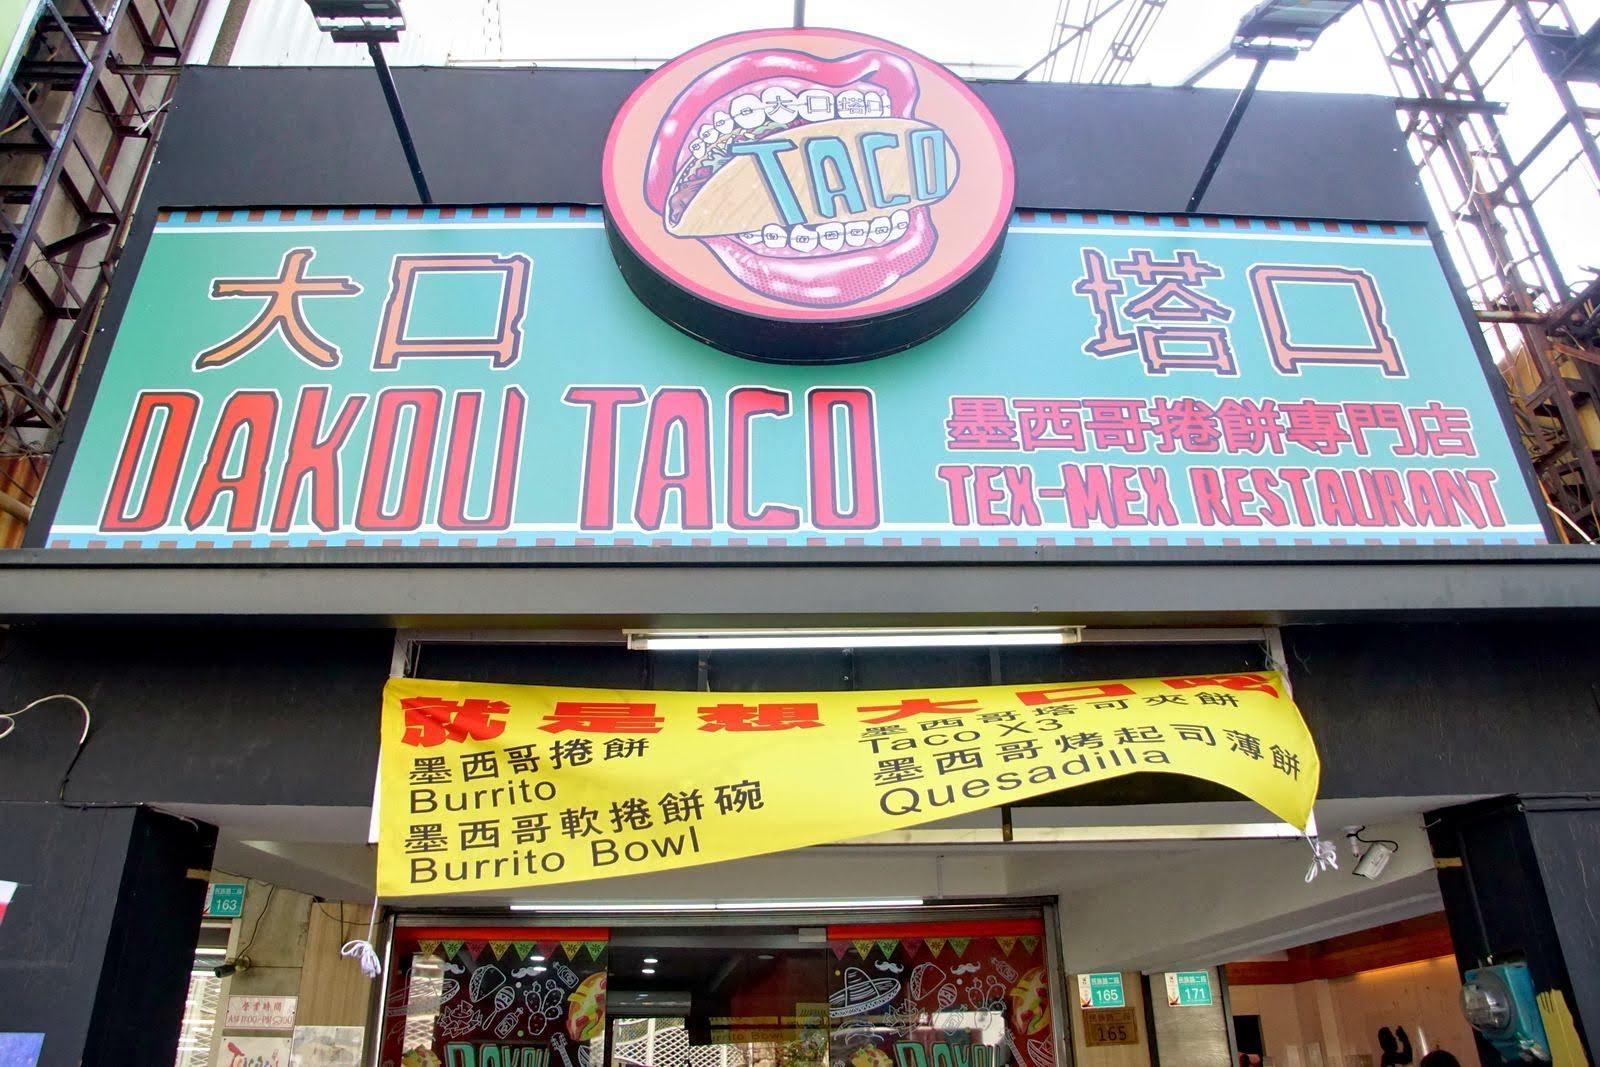 [台南][中西區] Dakou Taco|大口塔口墨西哥捲餅|食記